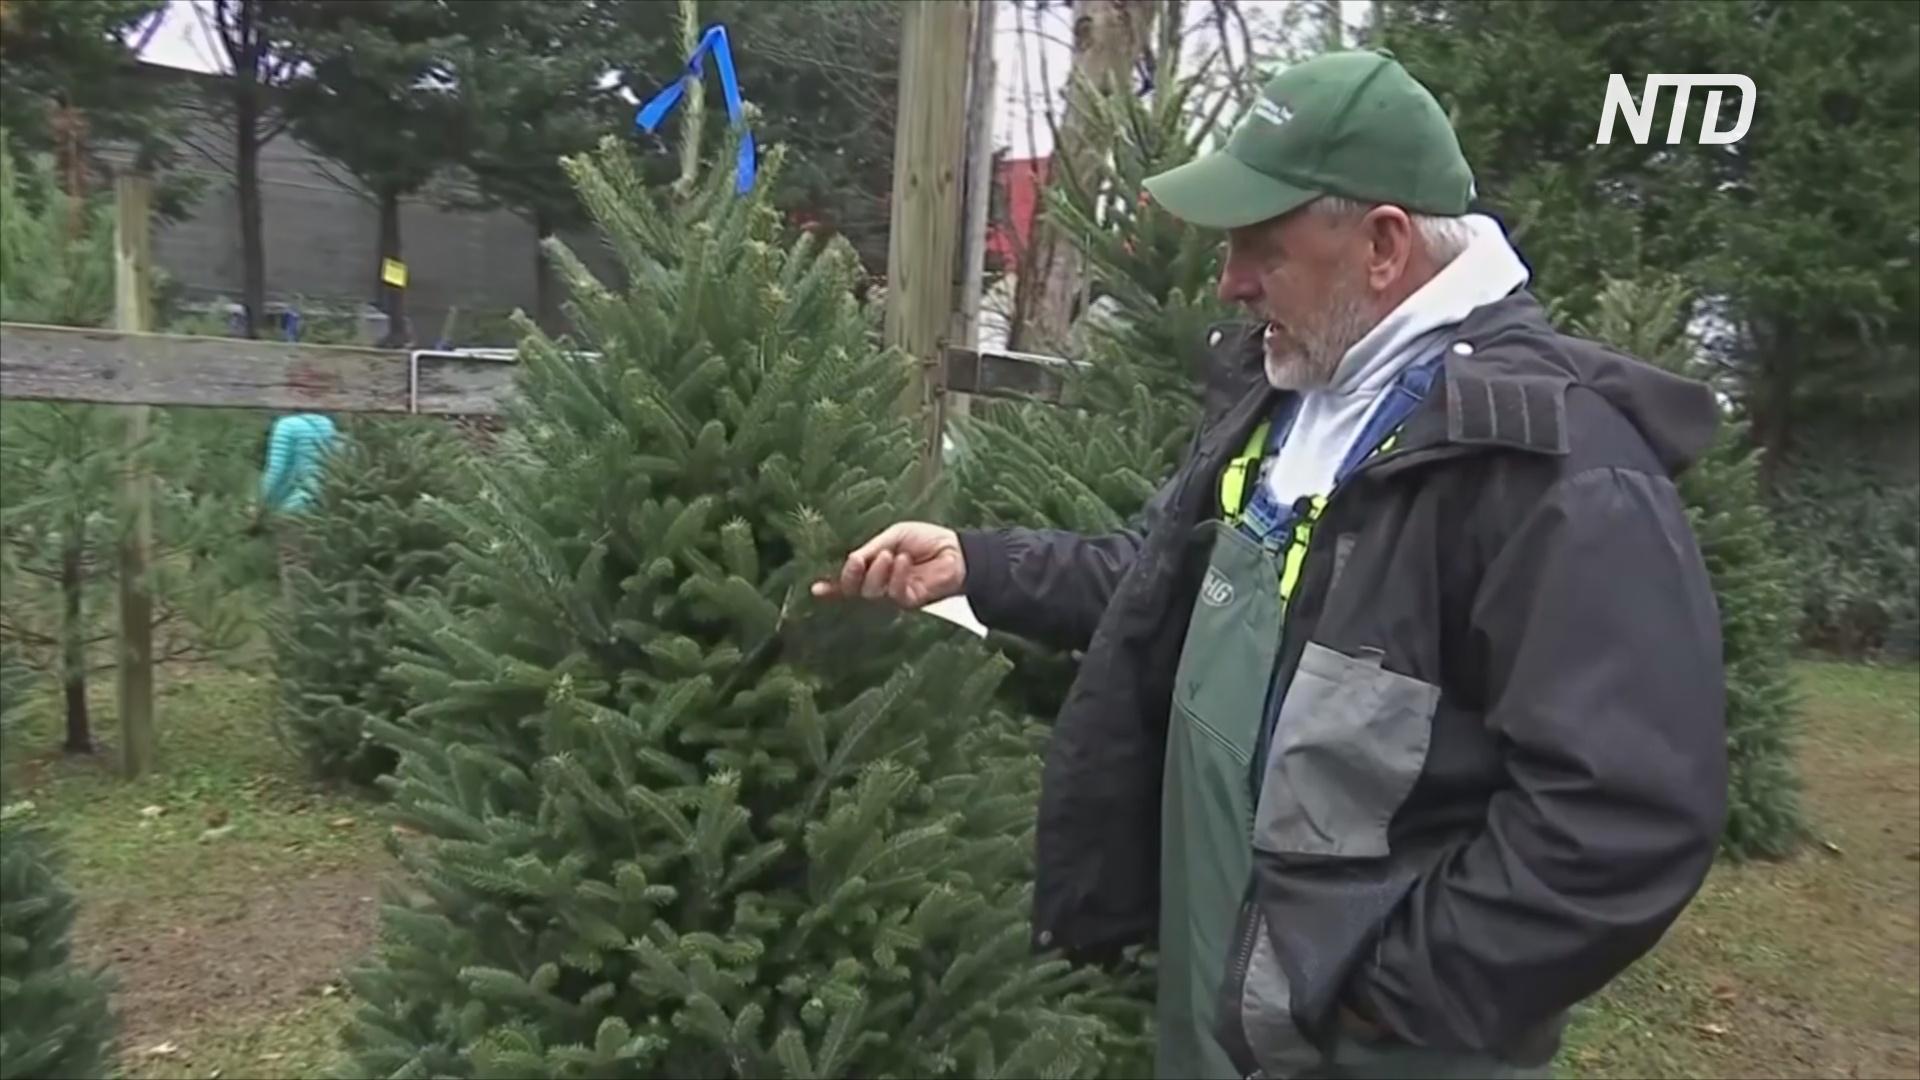 В преддверии Рождества американцы с трудом находят ели из-за дефицита